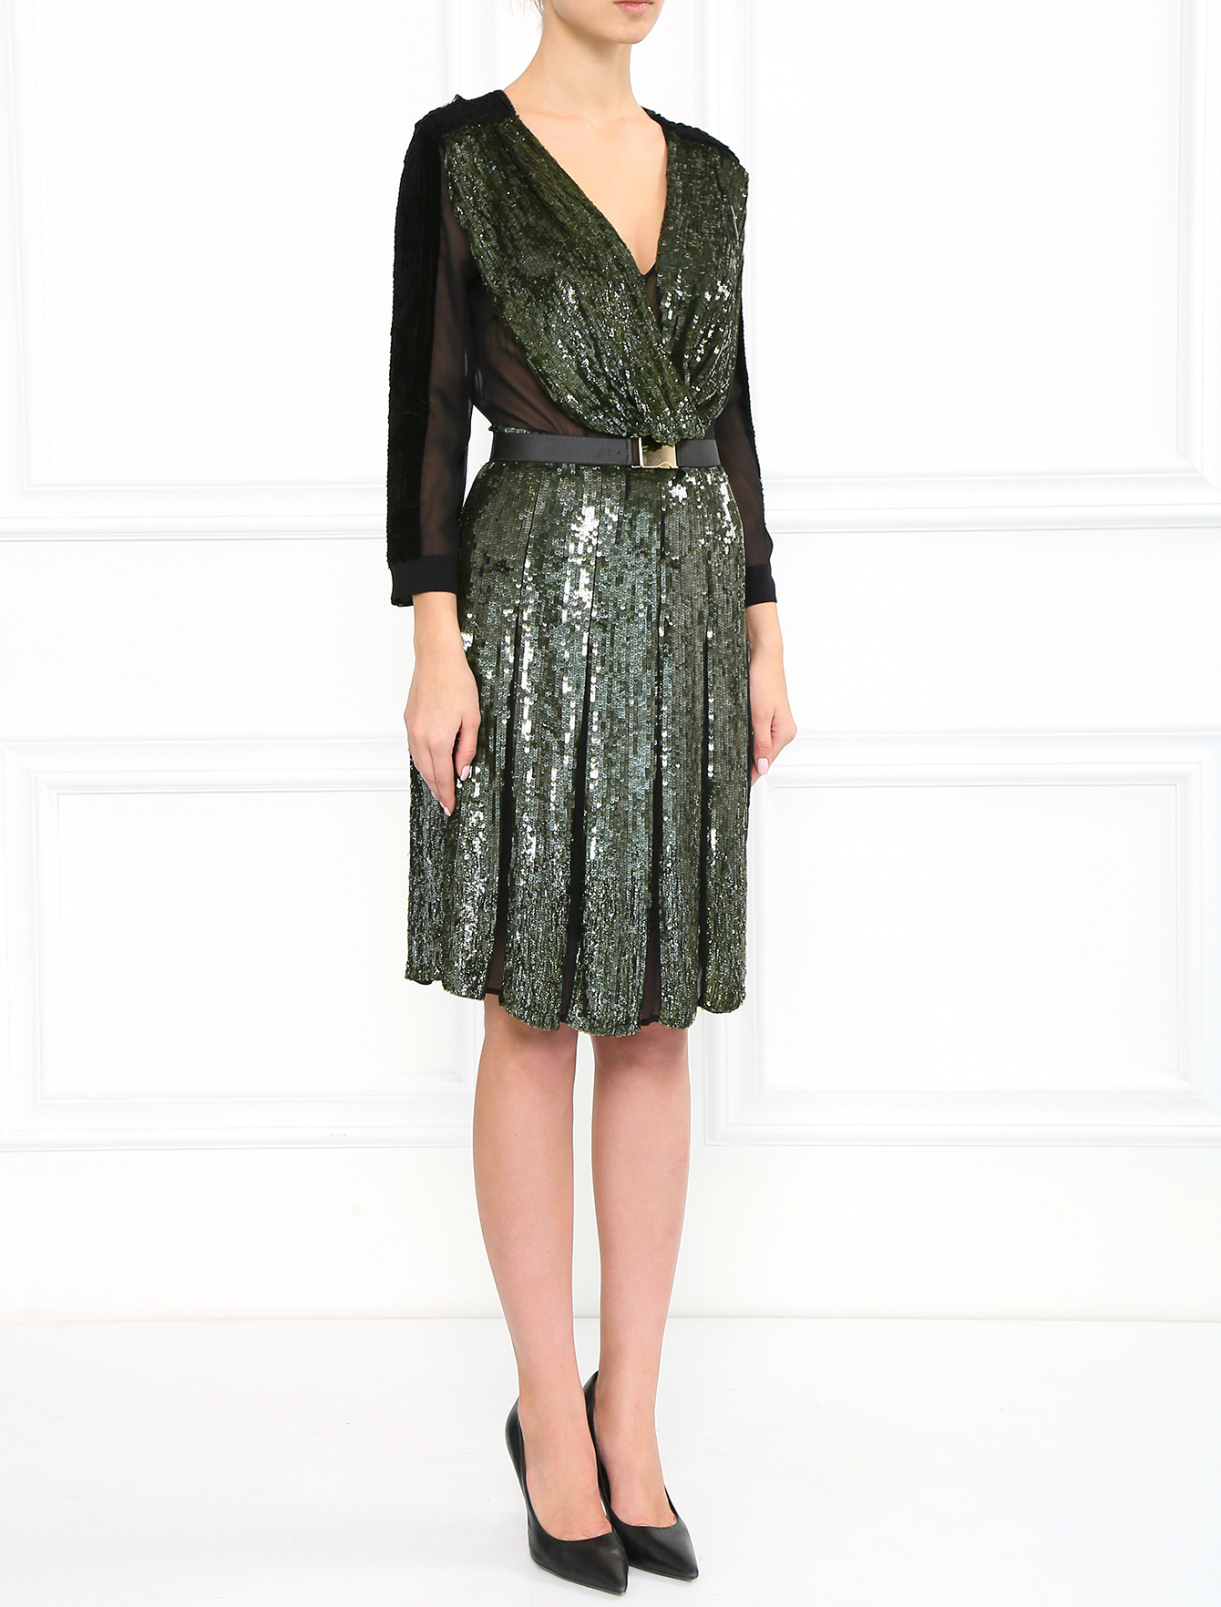 Шелковое платье декорированное пайетками Sportmax  –  Модель Общий вид